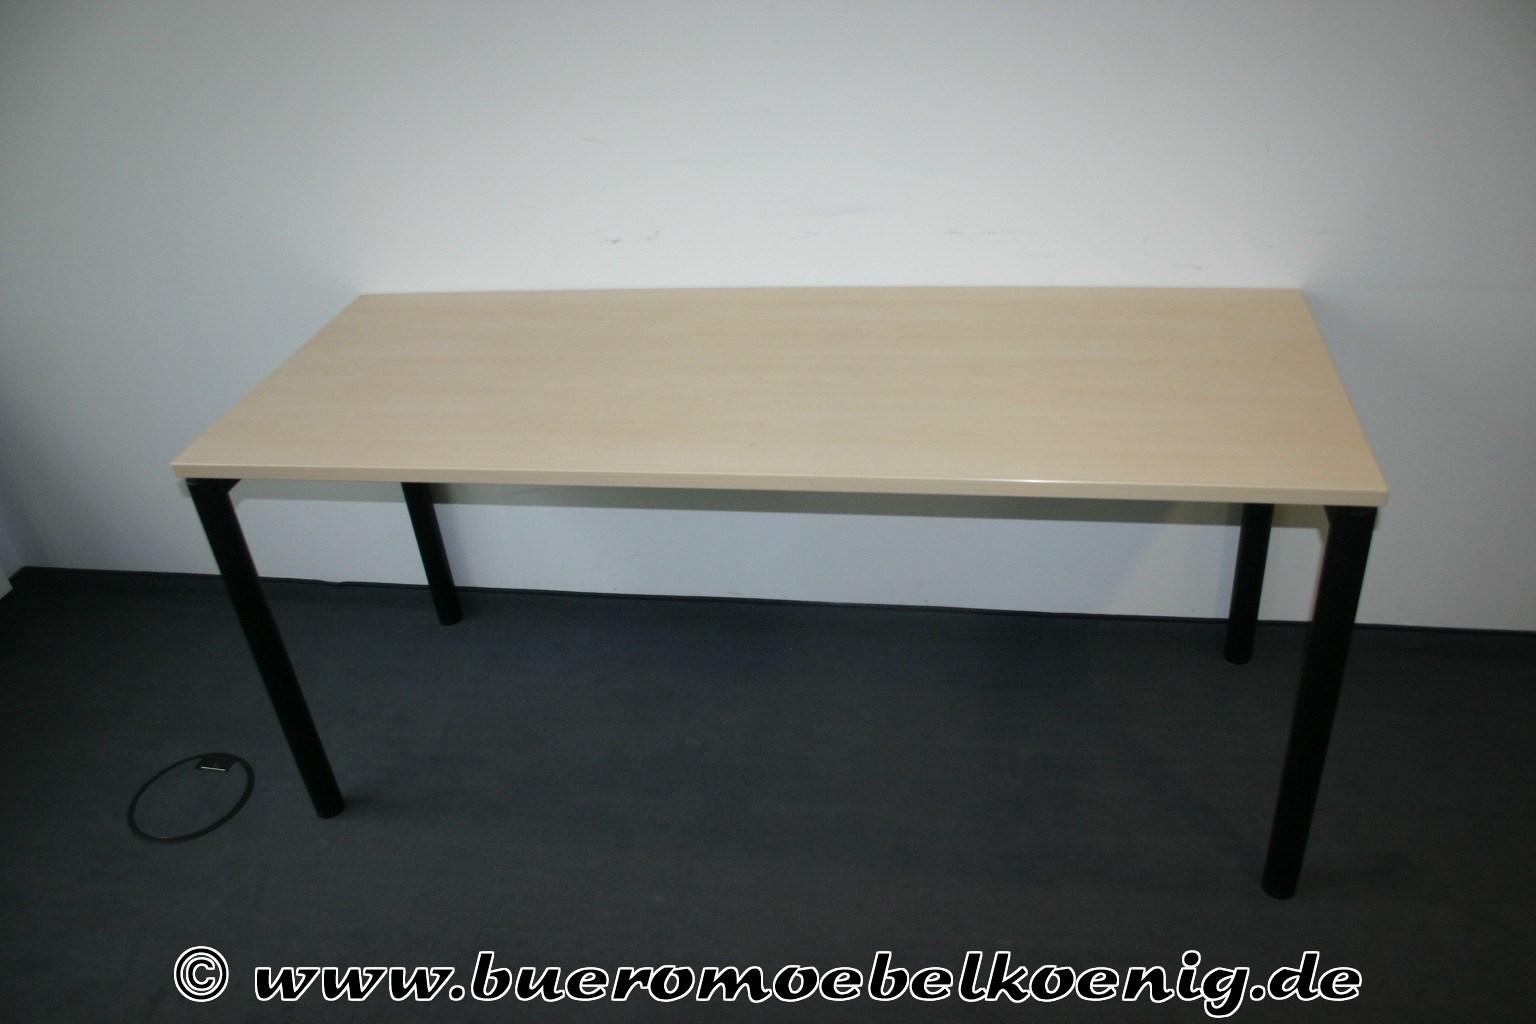 Schreibtisch 160x60 in ahorn von ceka for Schreibtisch aus ahorn